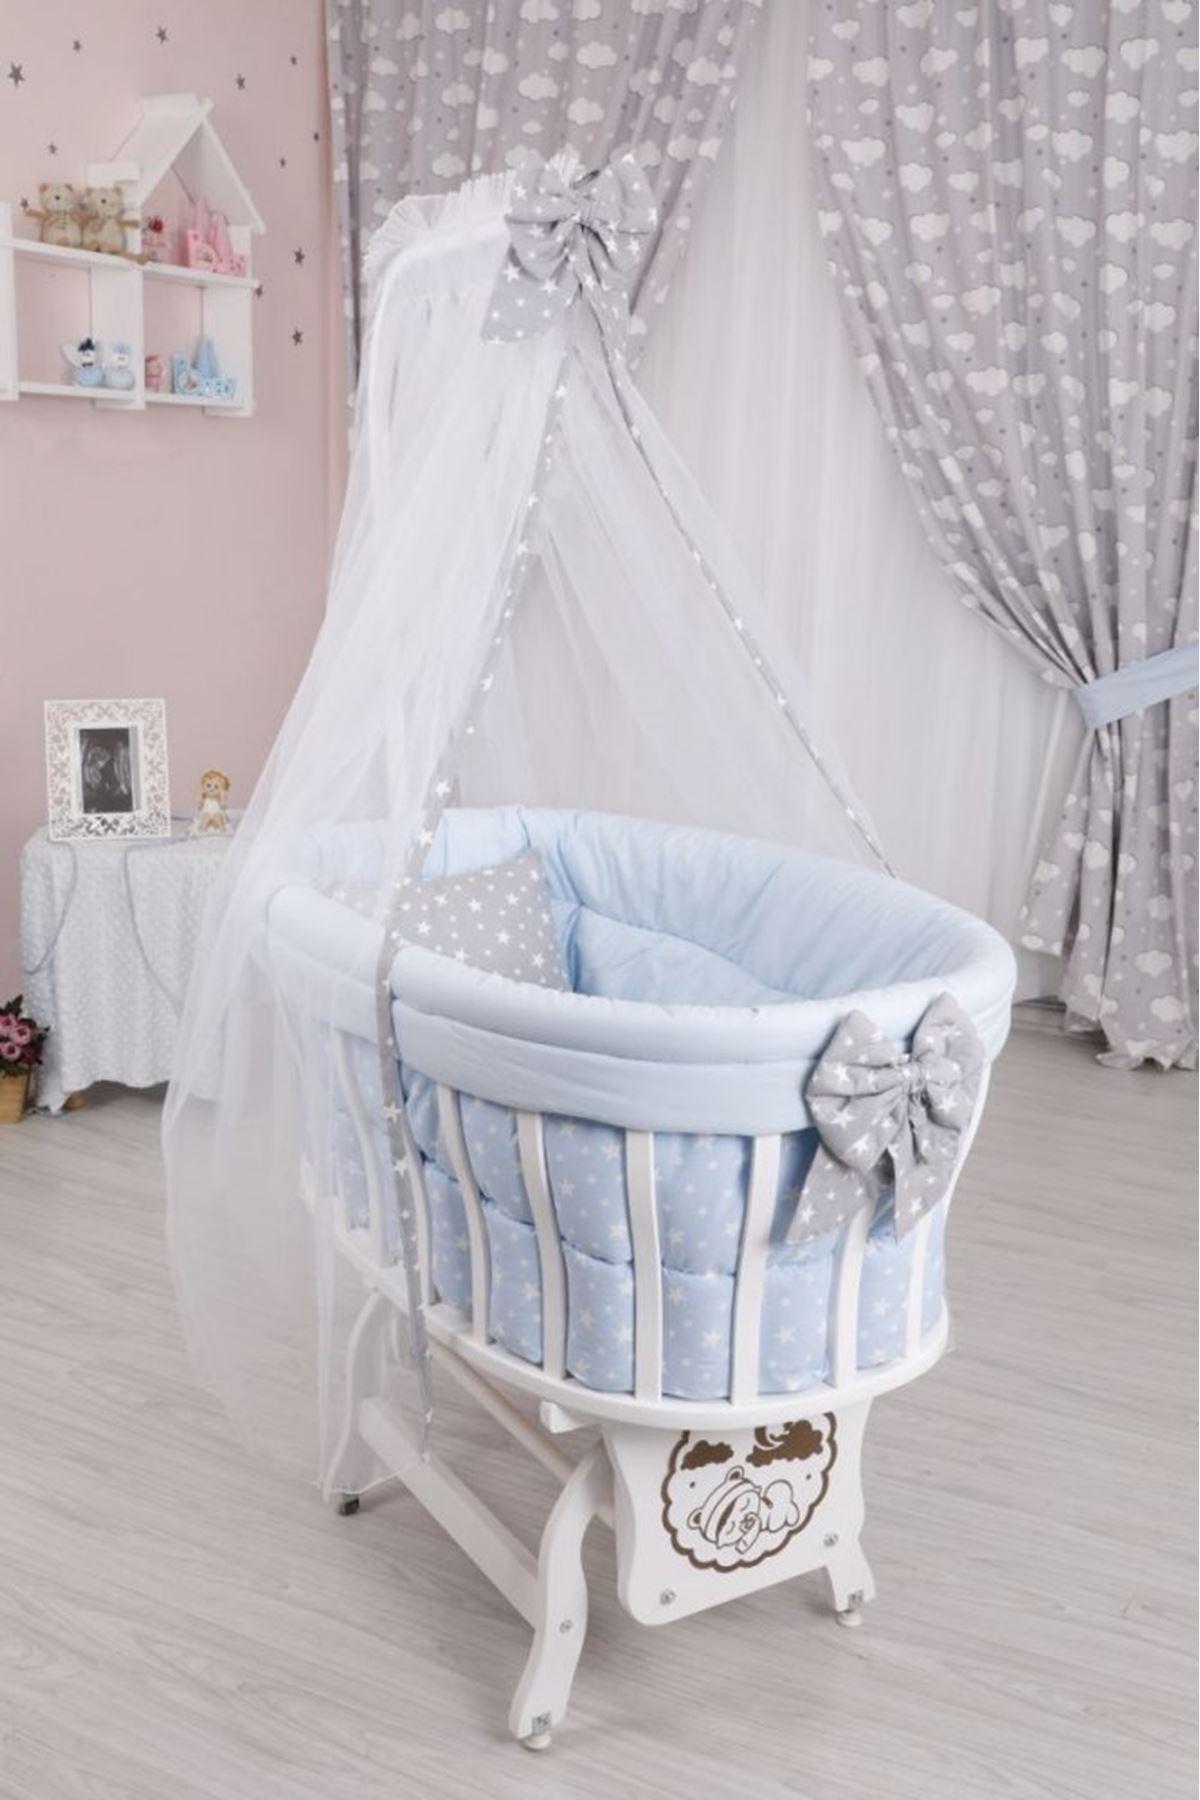 Sepet Beşik İçin Mavi Gri Yildizli Kıvırmalı Bebek Uyku Seti